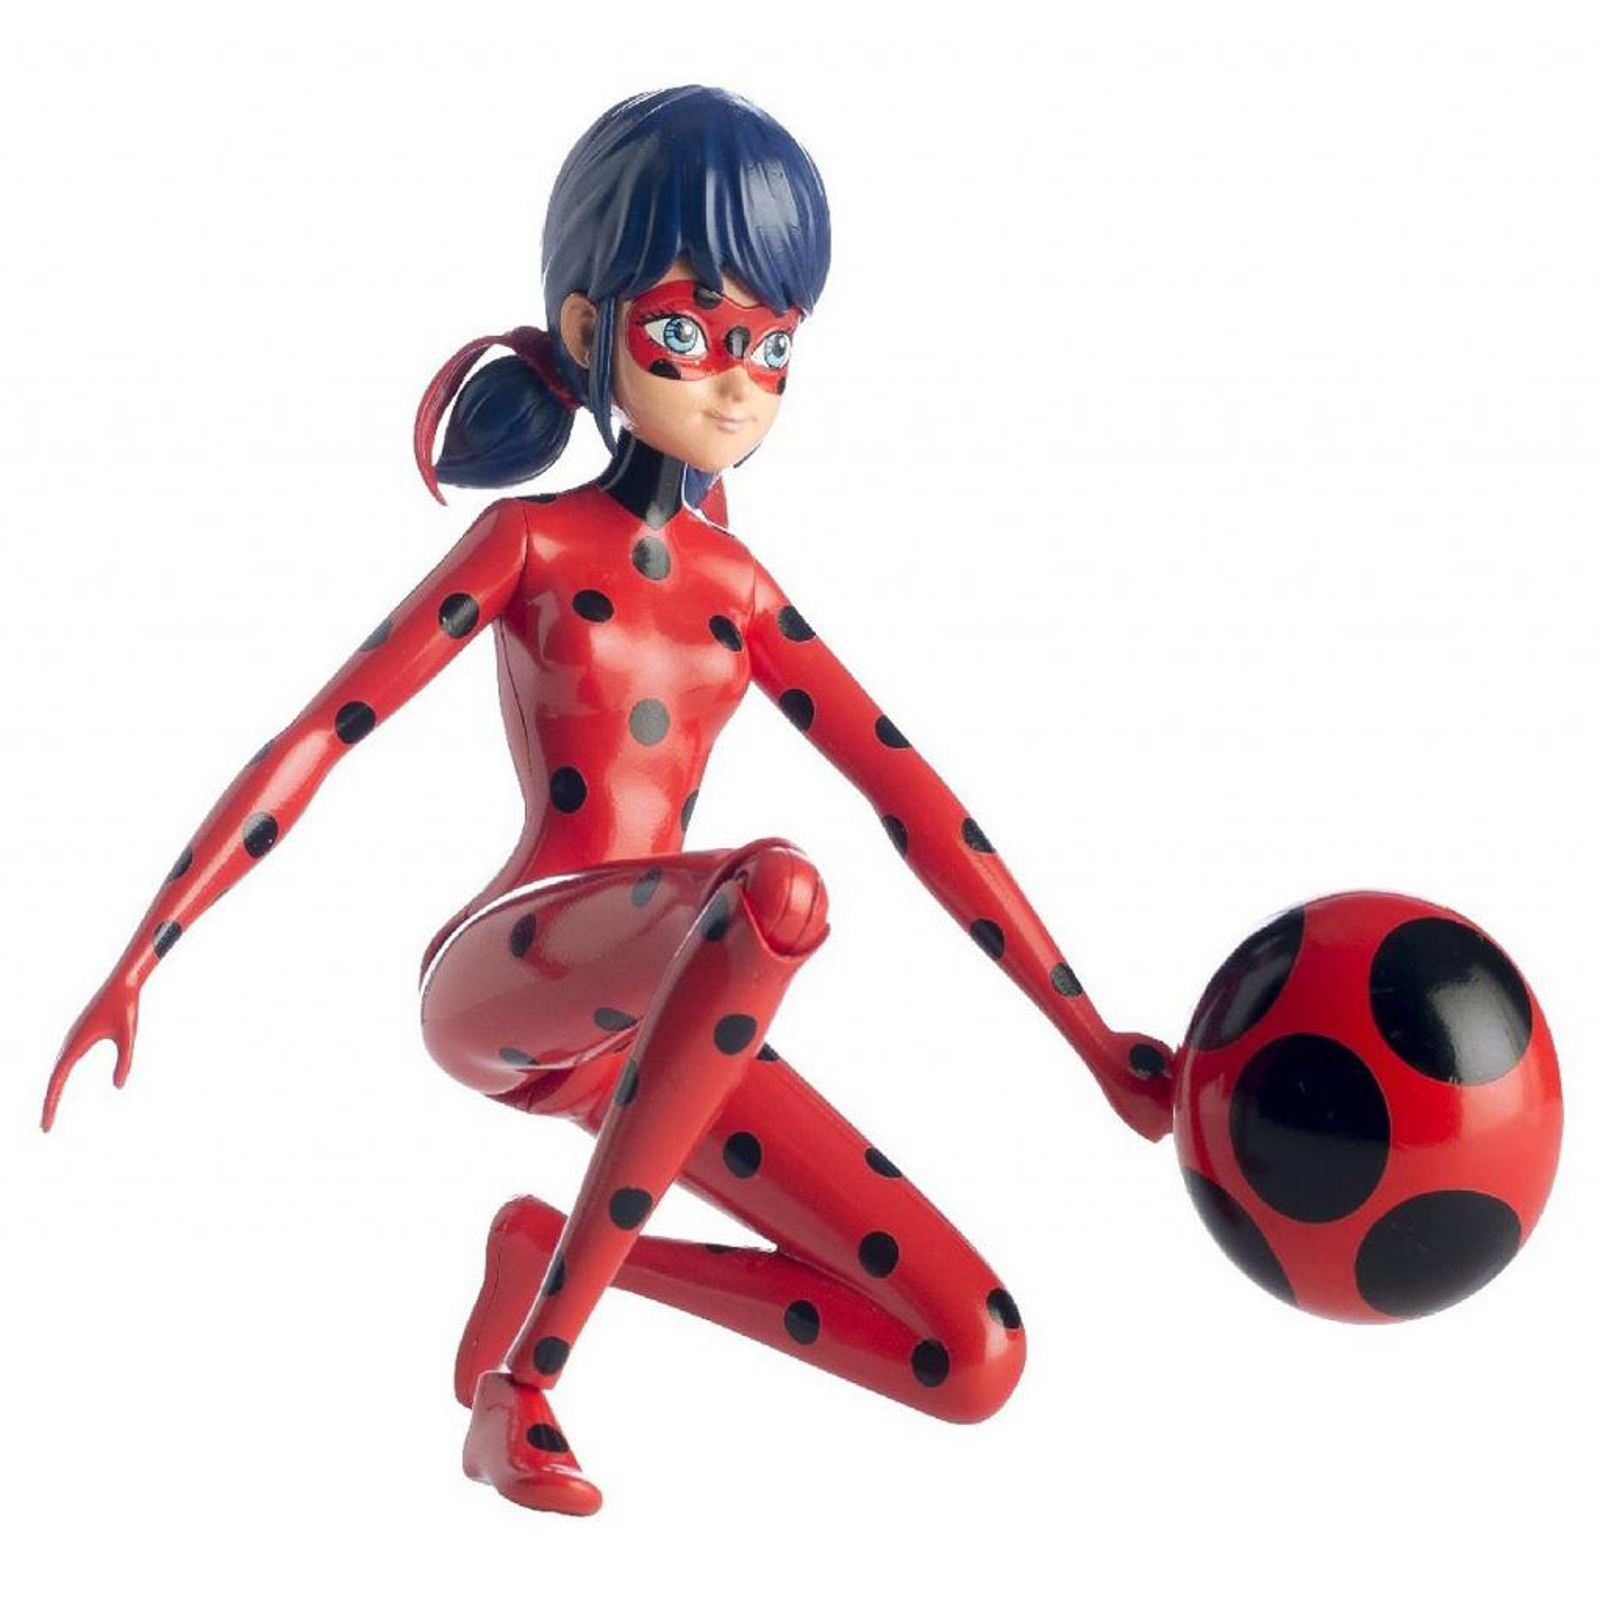 Кукла Miraculous удесная Леди Баг 19 см с аксессуаром (39731) изображение 2